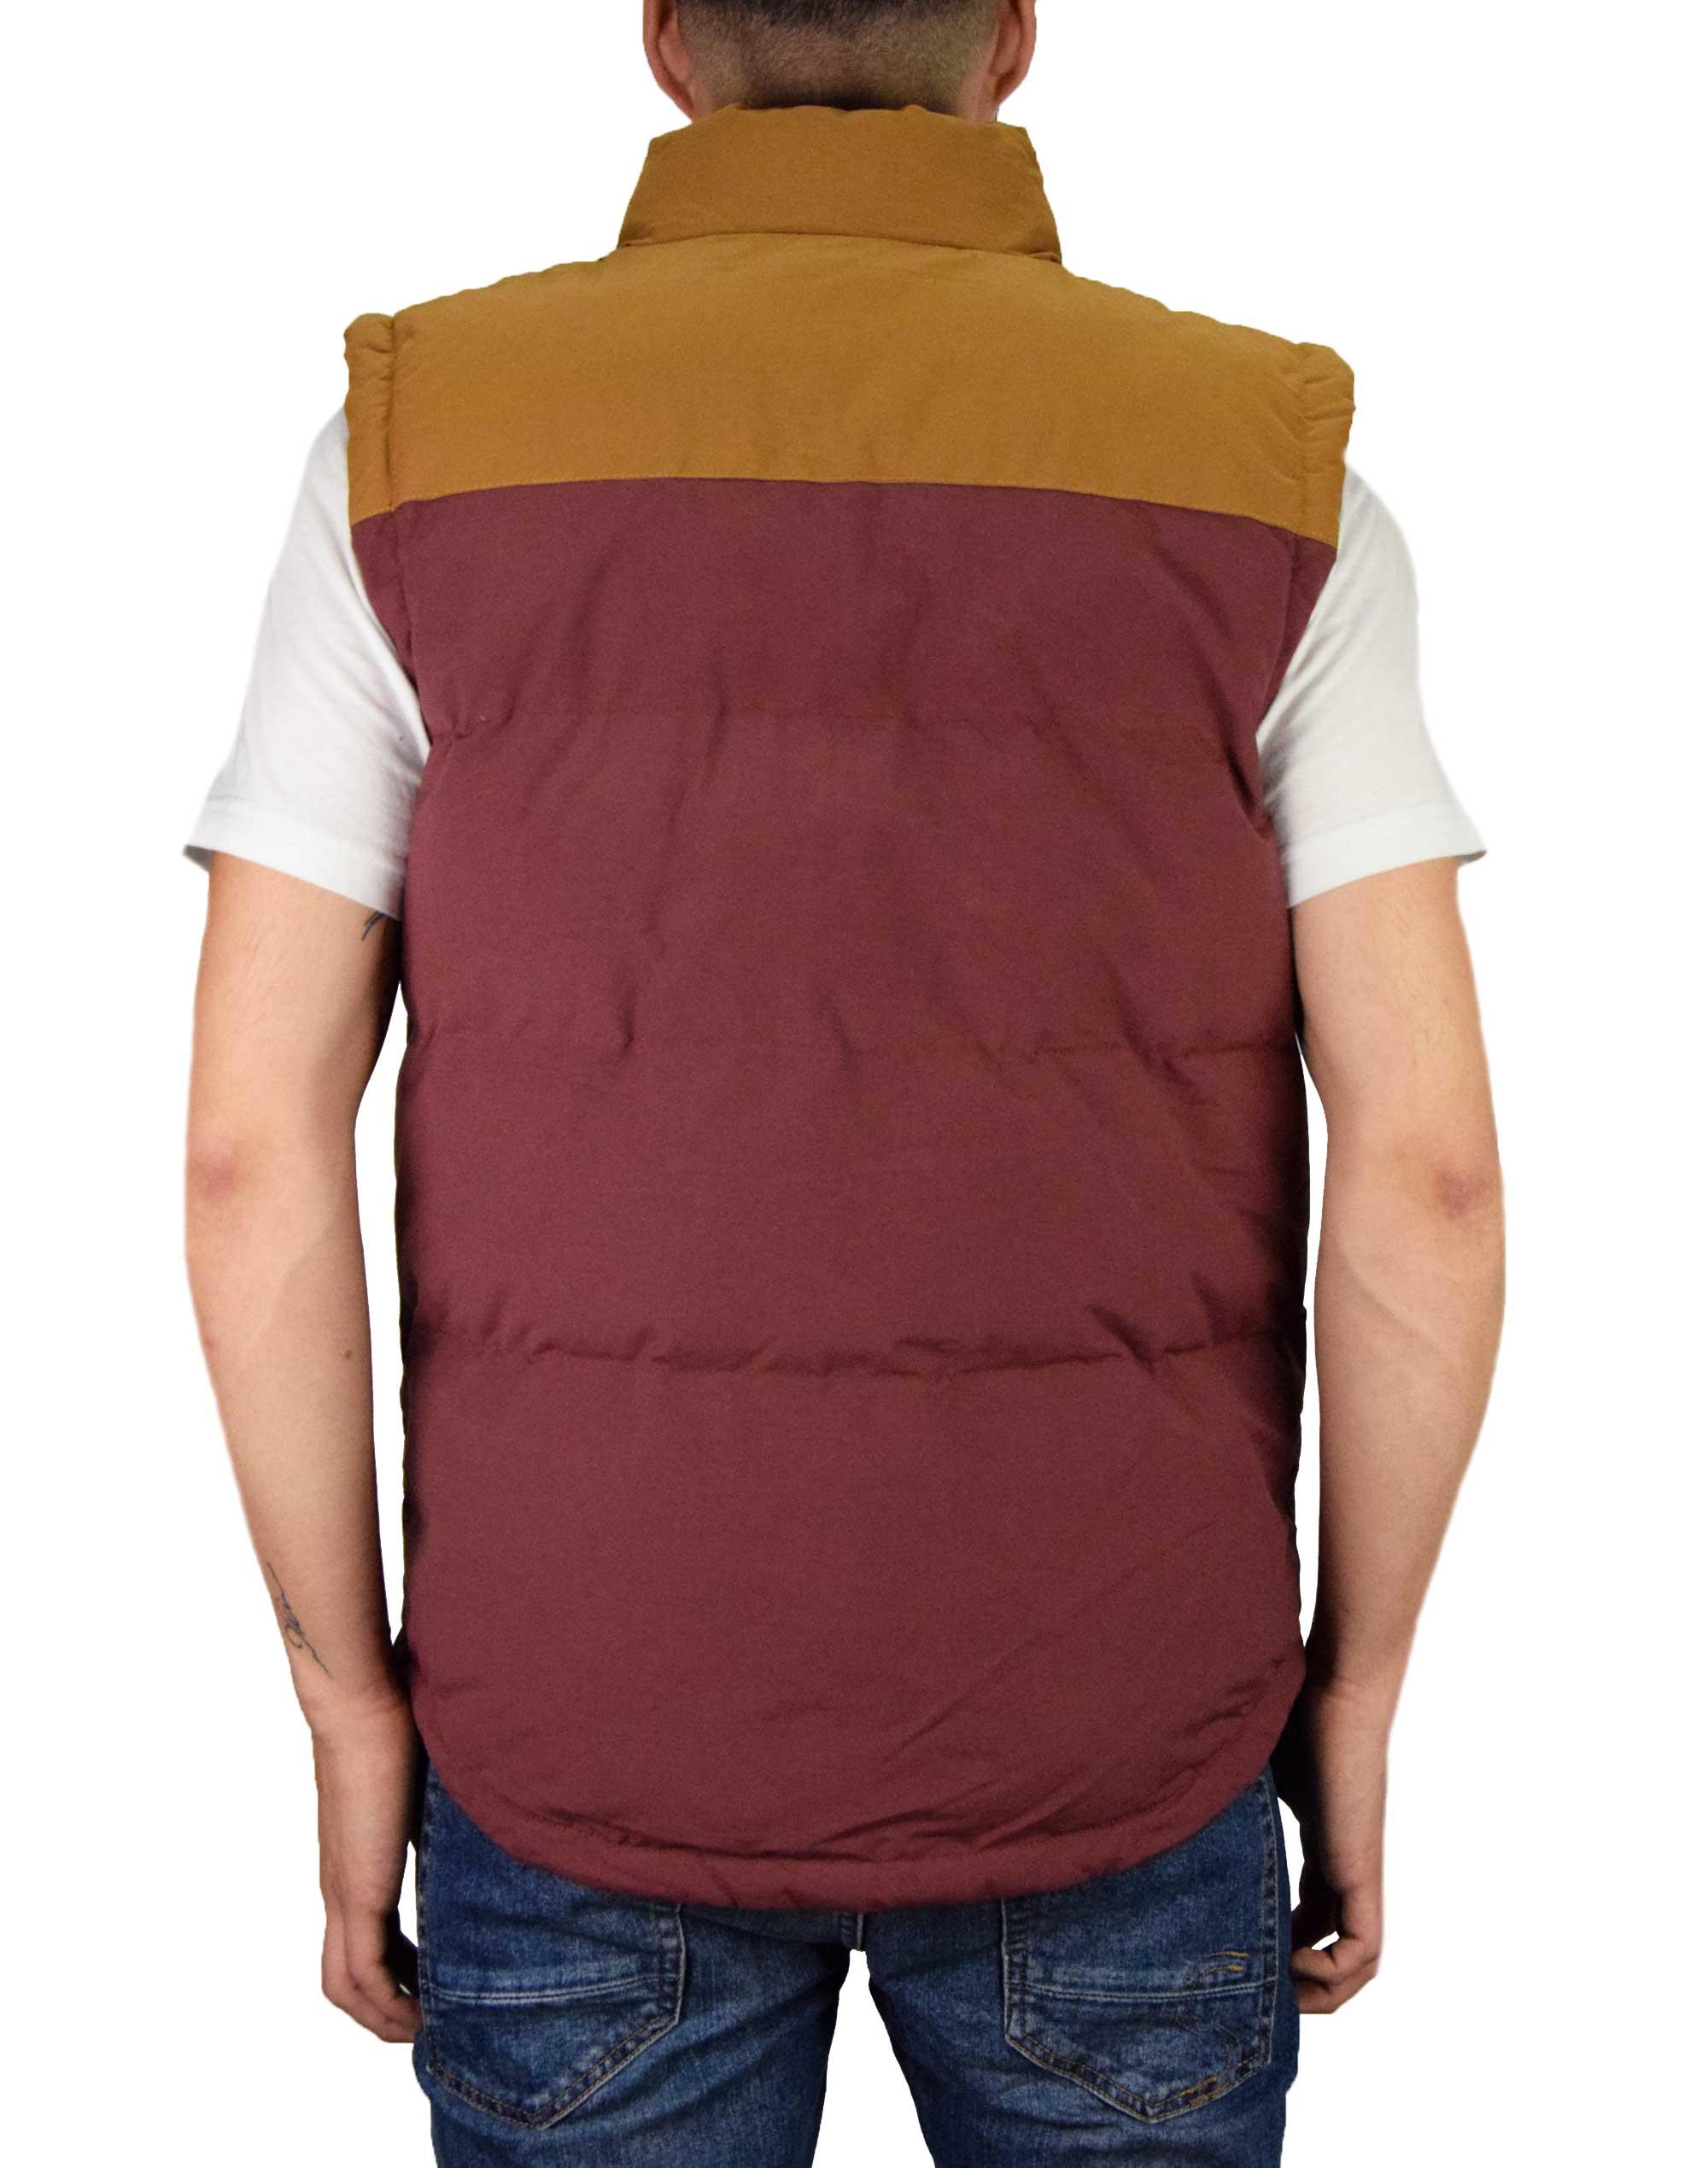 Caterpillar Eaton Vest (2320031 111) Rustic Red